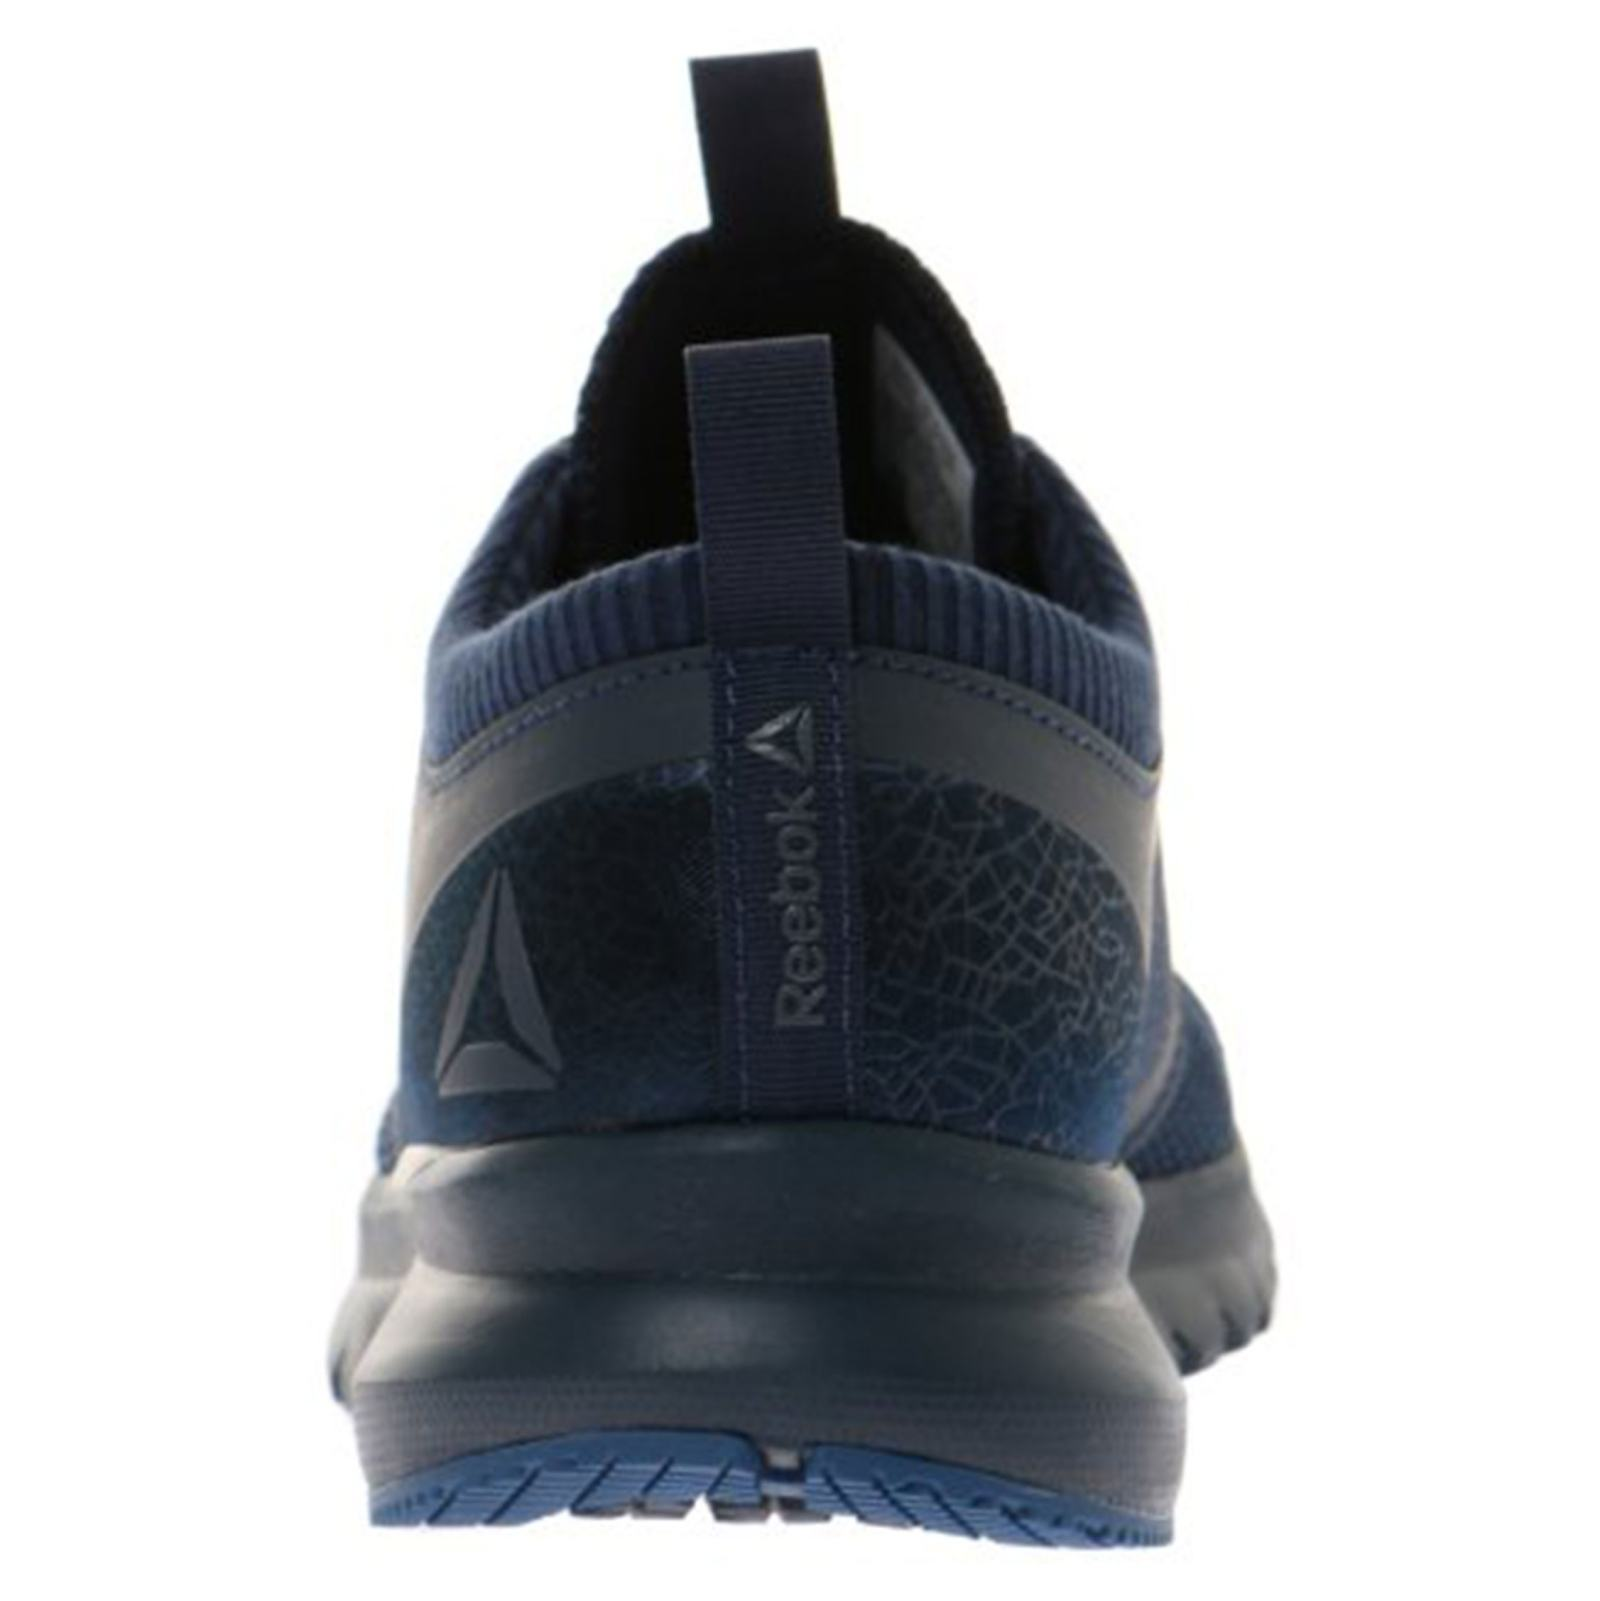 کفش دویدن بندی مردانه Athlux Shatr - ریباک - سرمه ای - 7